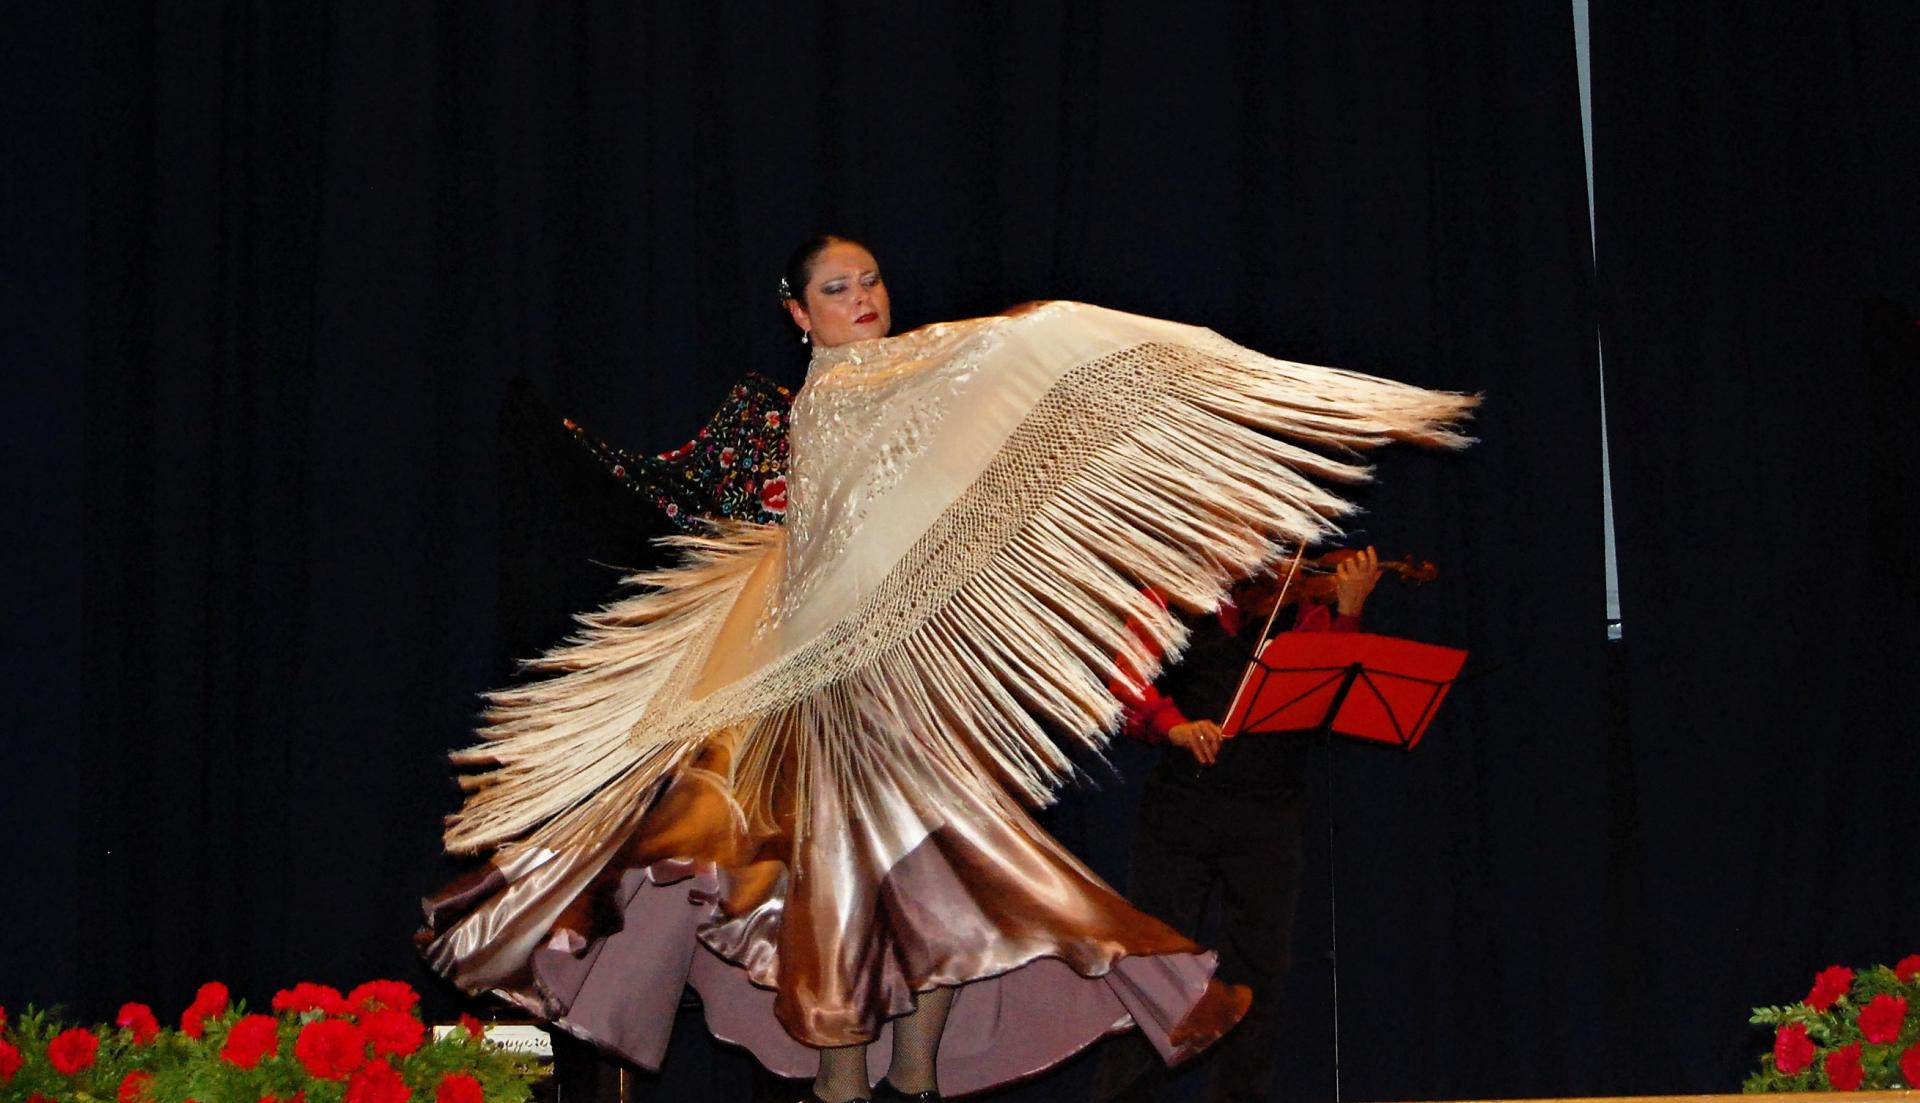 Stasera a Lamporecchio musica e danza dalla Spagna